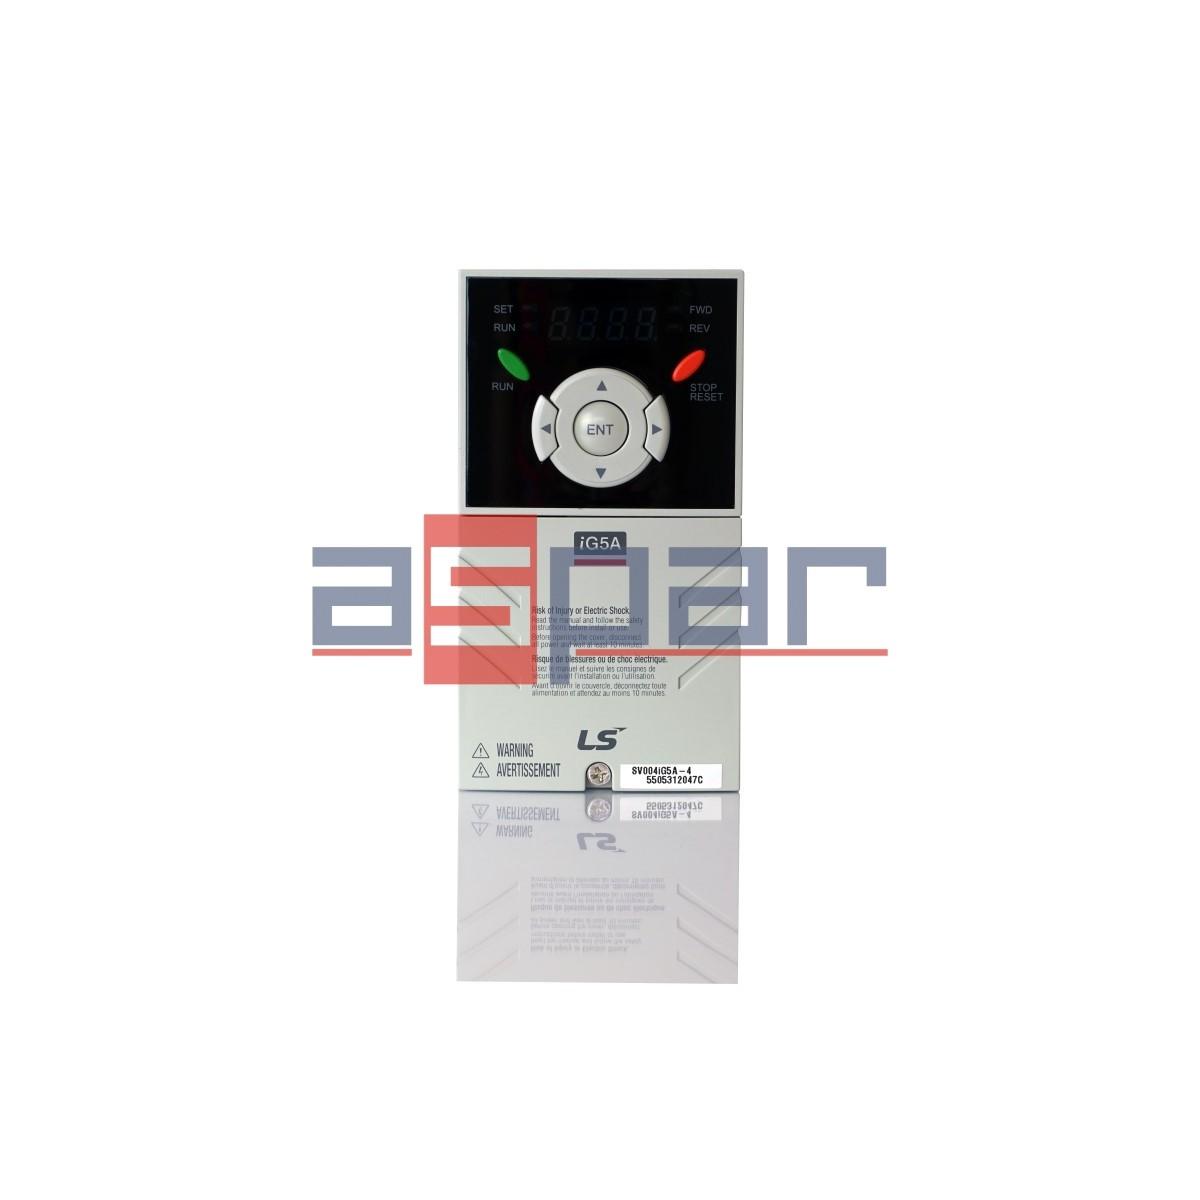 SV004iG5A-4 - 0,4kW, 3~